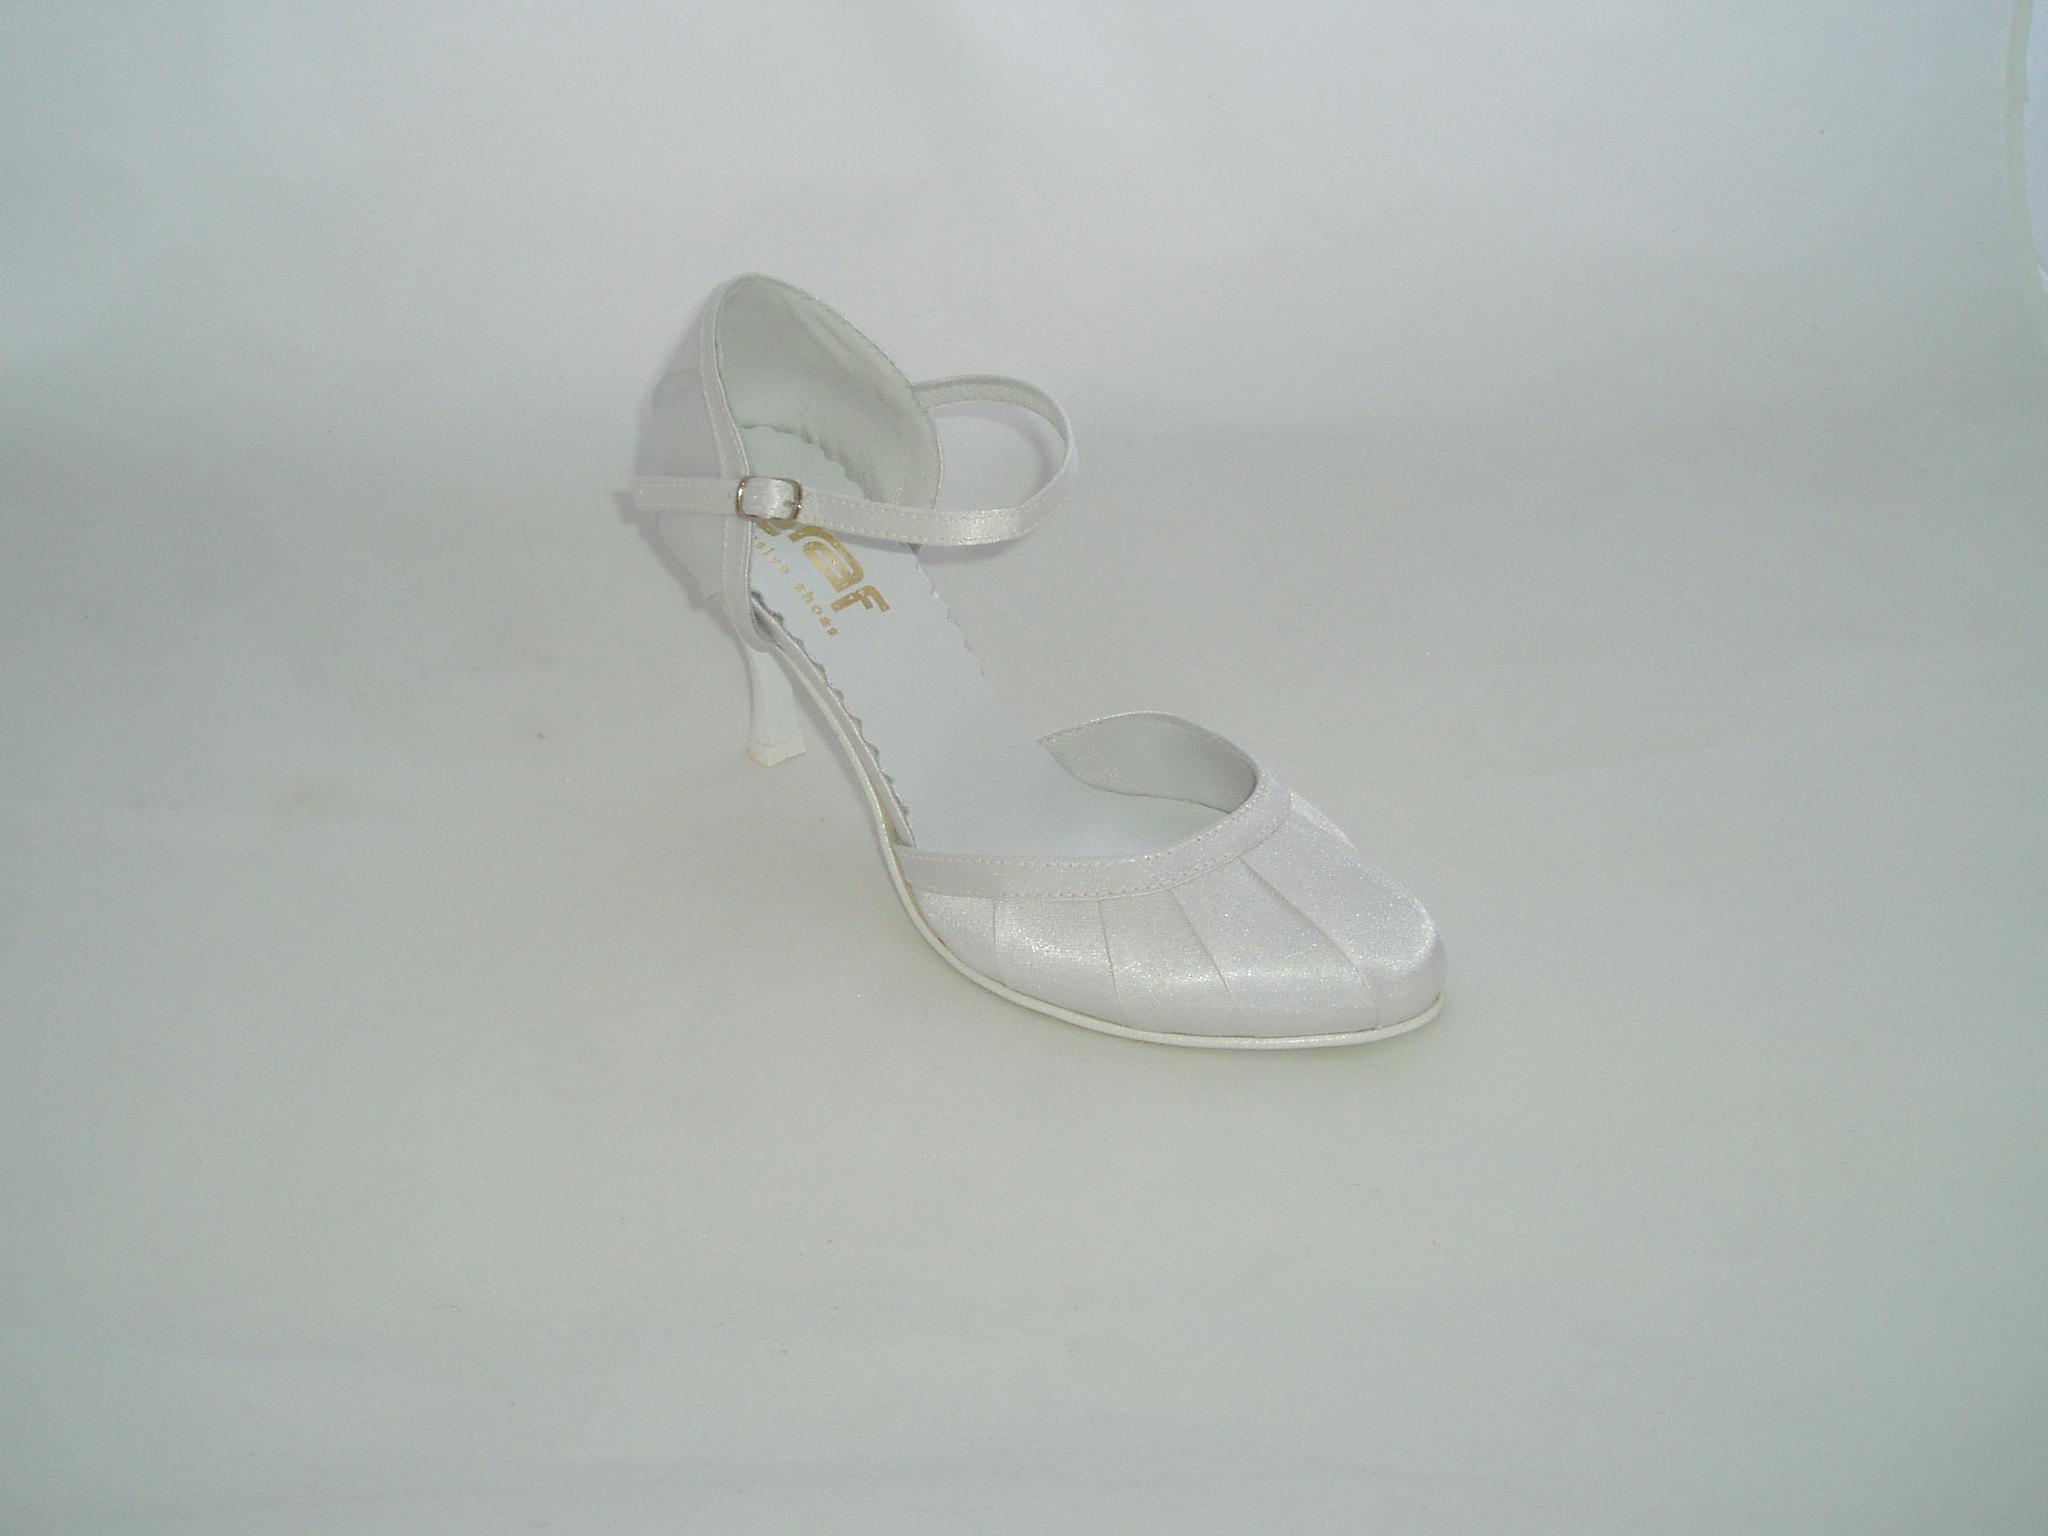 Svatební boty -GRAF 251 Satin white-podměrná 68fcb4c626